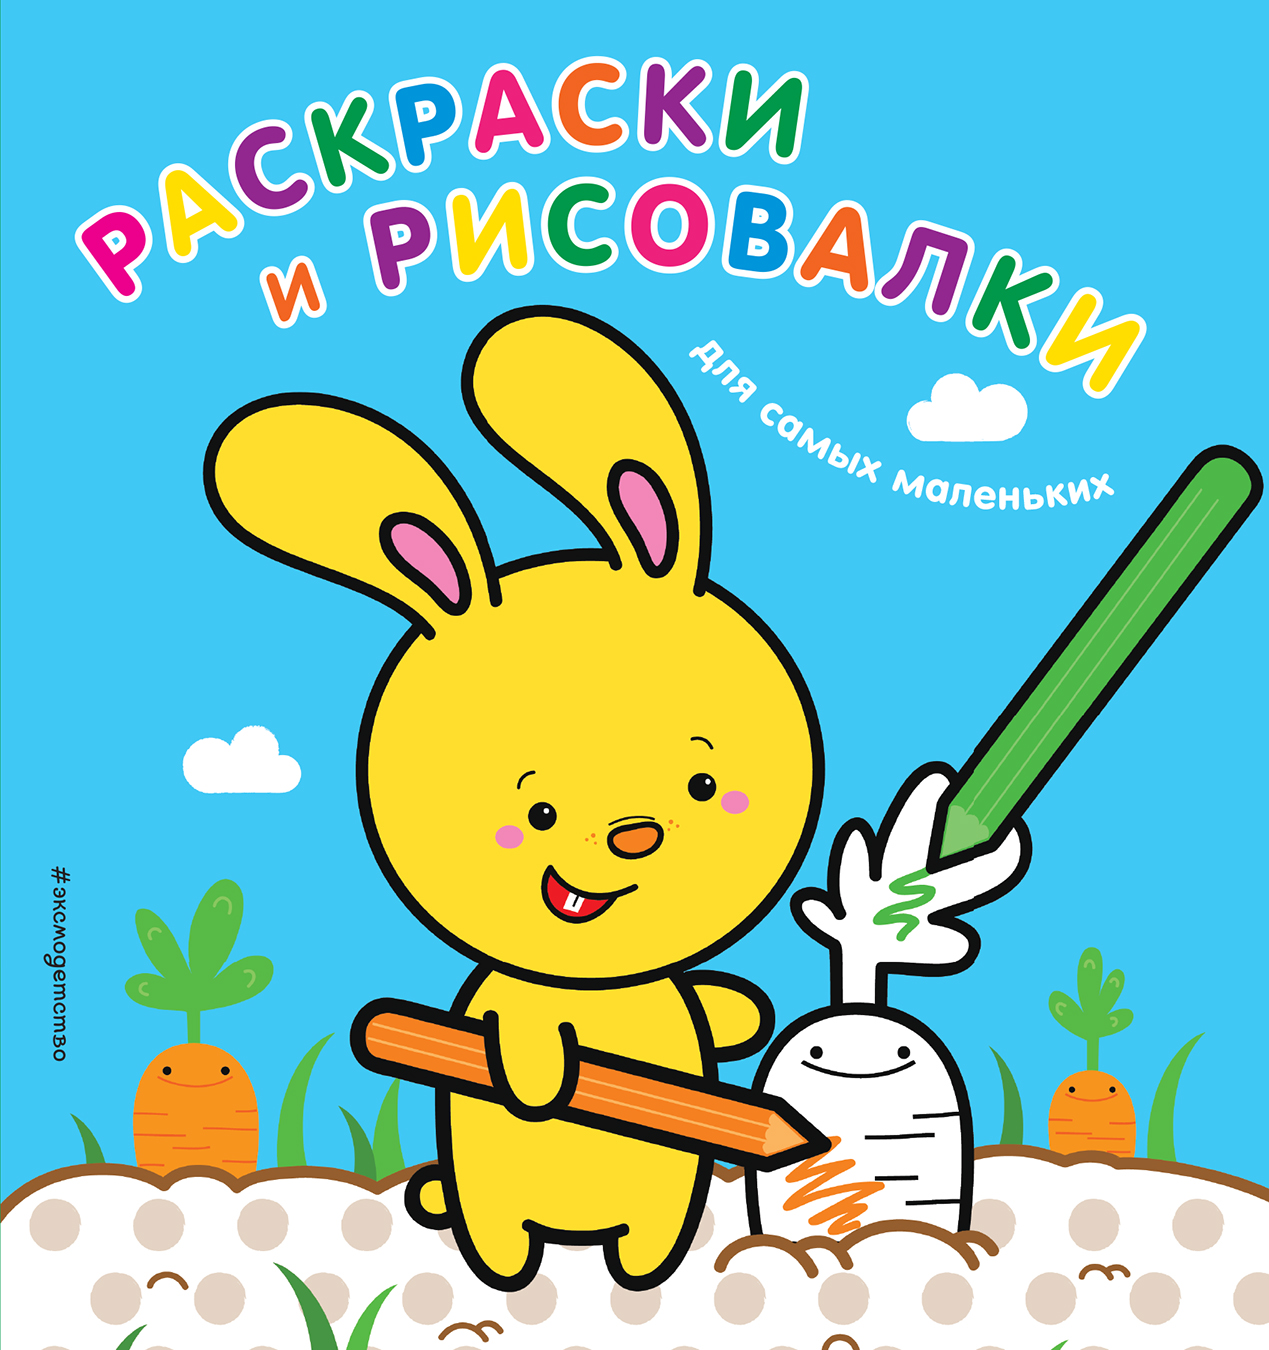 рисование и раскраски Раскраски и рисовалки для самых маленьких (зайчонок)